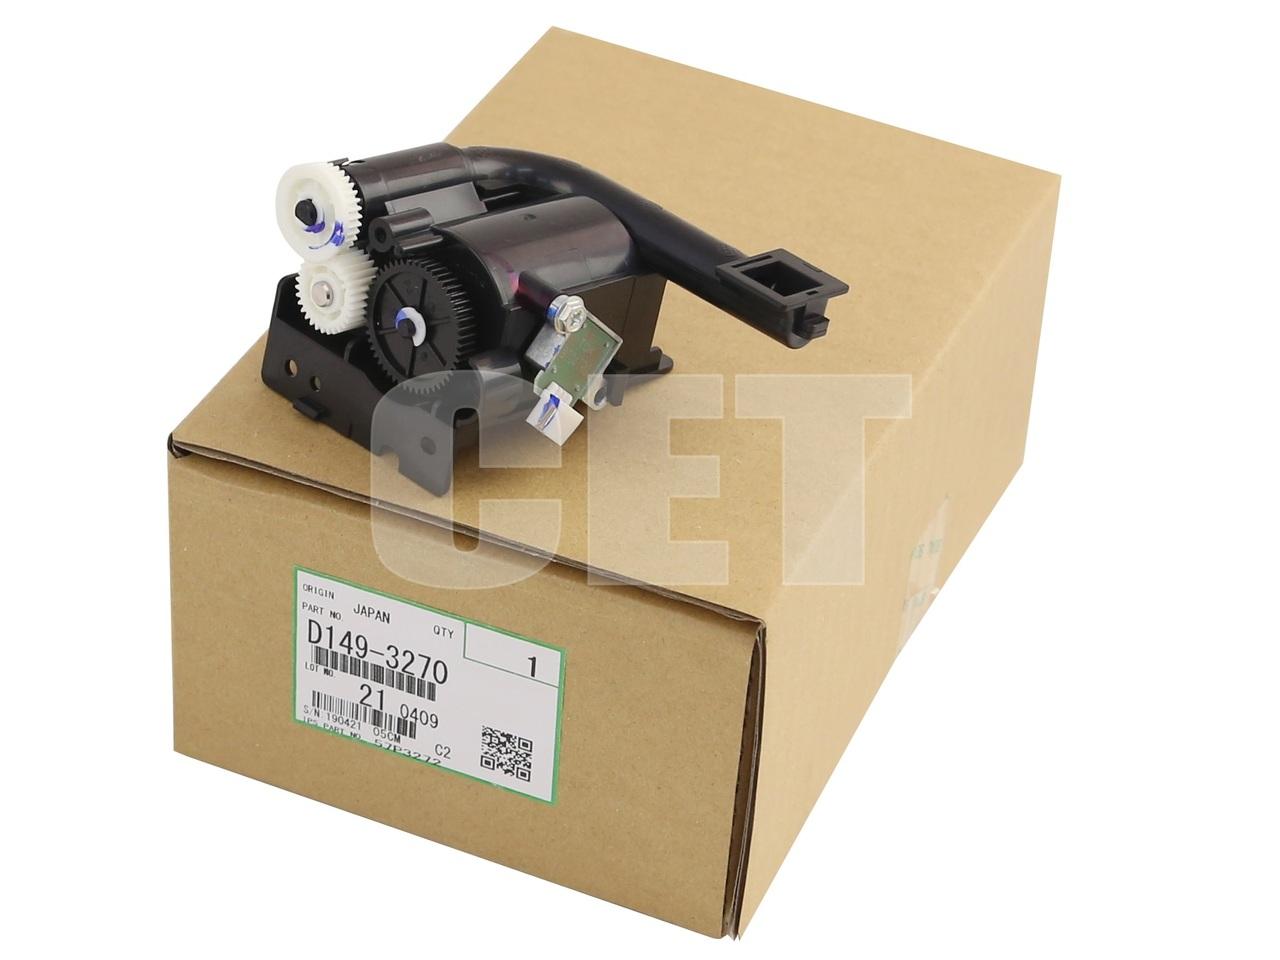 Блок подачи тонера D1493270 для RICOHMPC2011SP/2504/501SP (CET) Cyan, CET561023